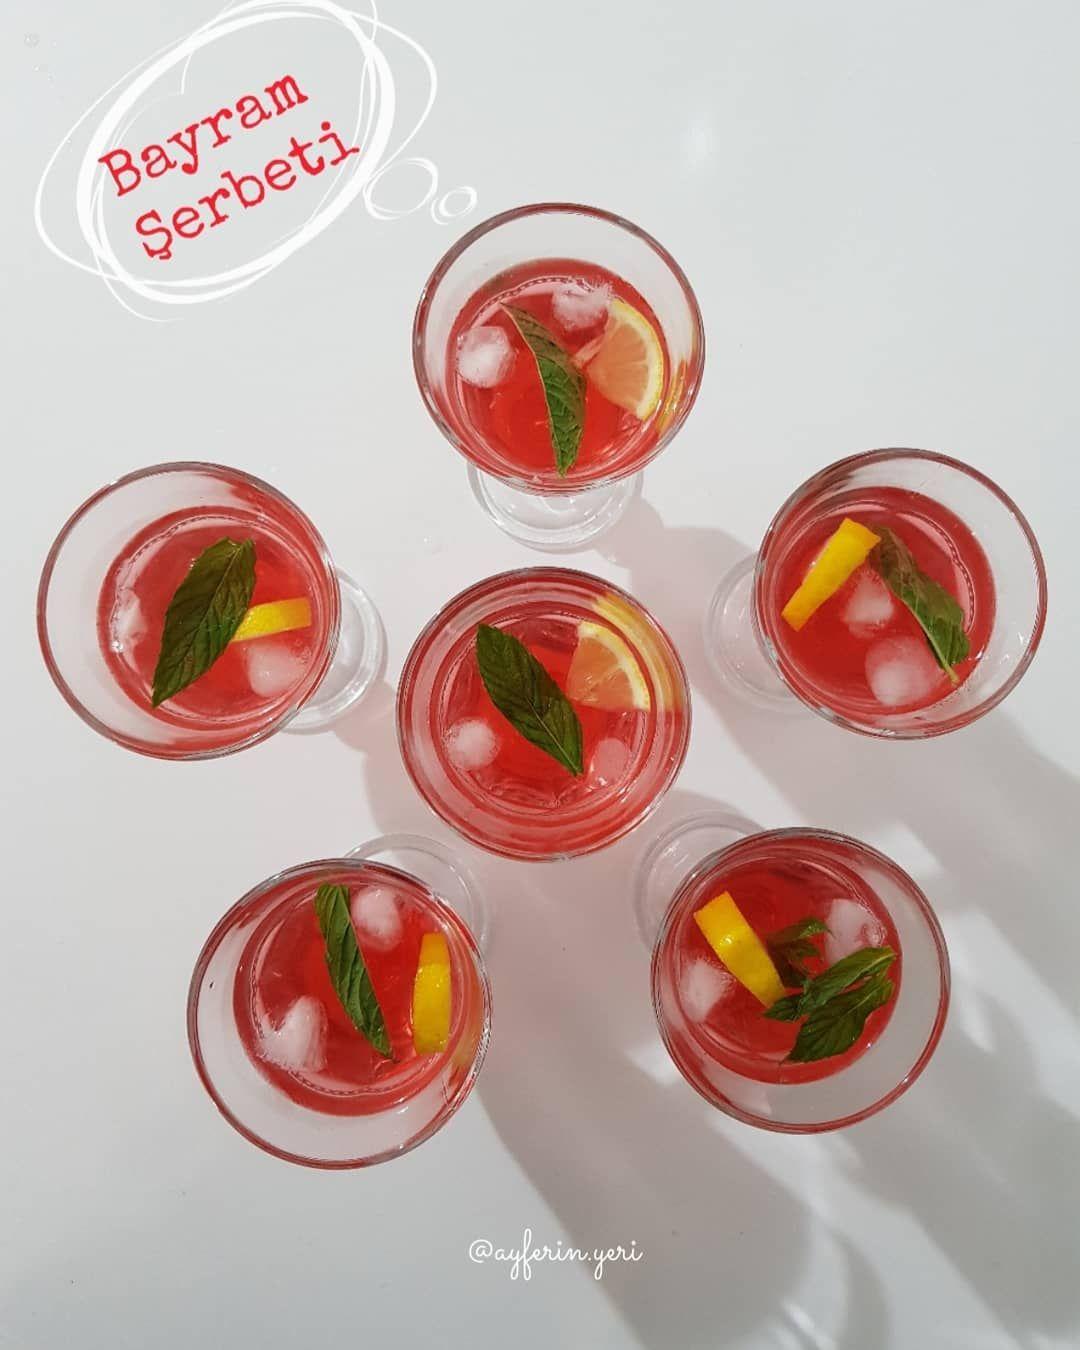 Bayram'a özel içecekler 19